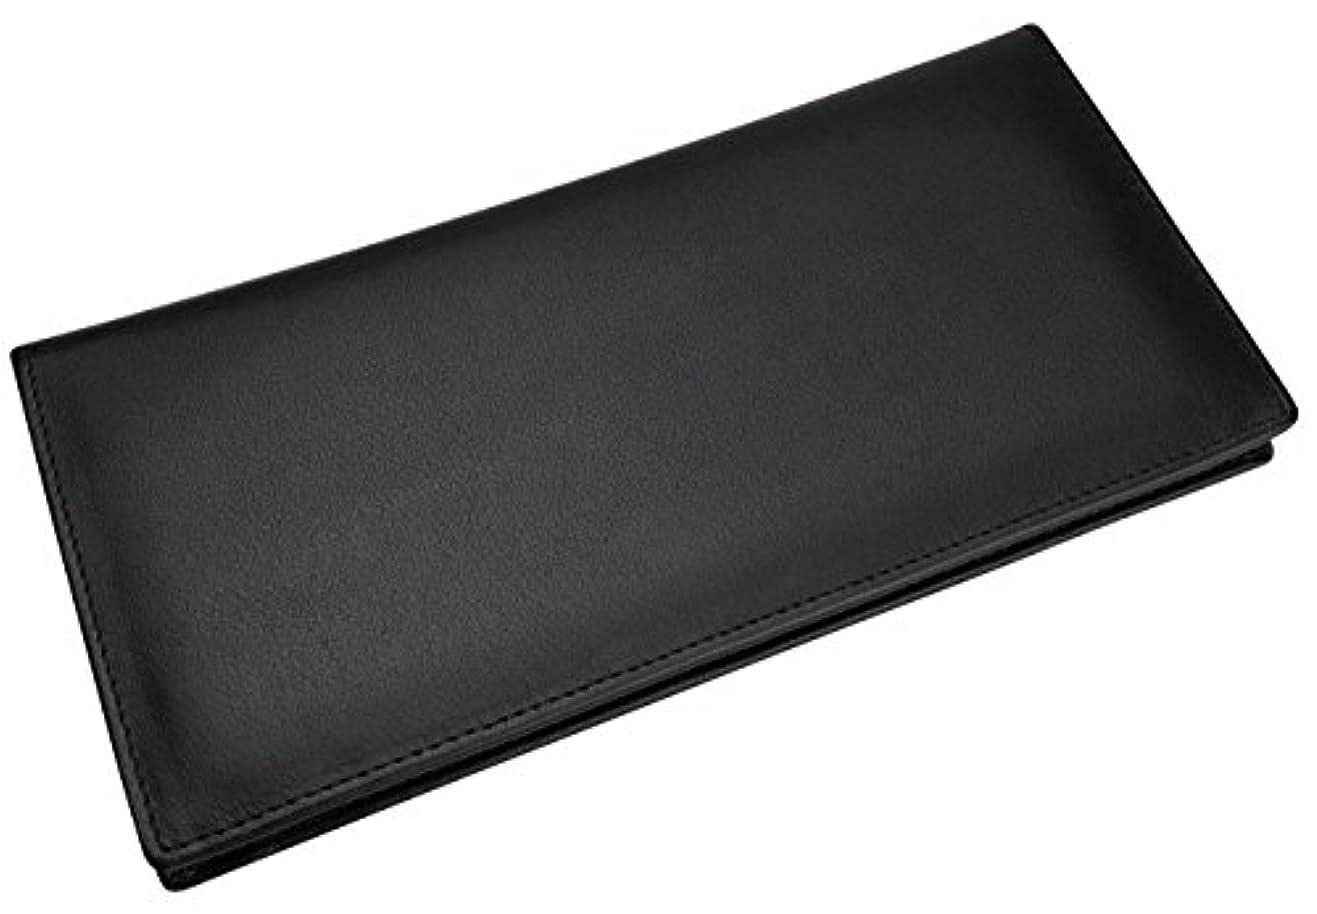 ダイヤル事代理店[フロックス] 財布 長財布 二つ折り 二つ折り長財布 ウォレット 本革 カード 大容量 シンプル 2つ折り ブランド 人気 メンズ レディース